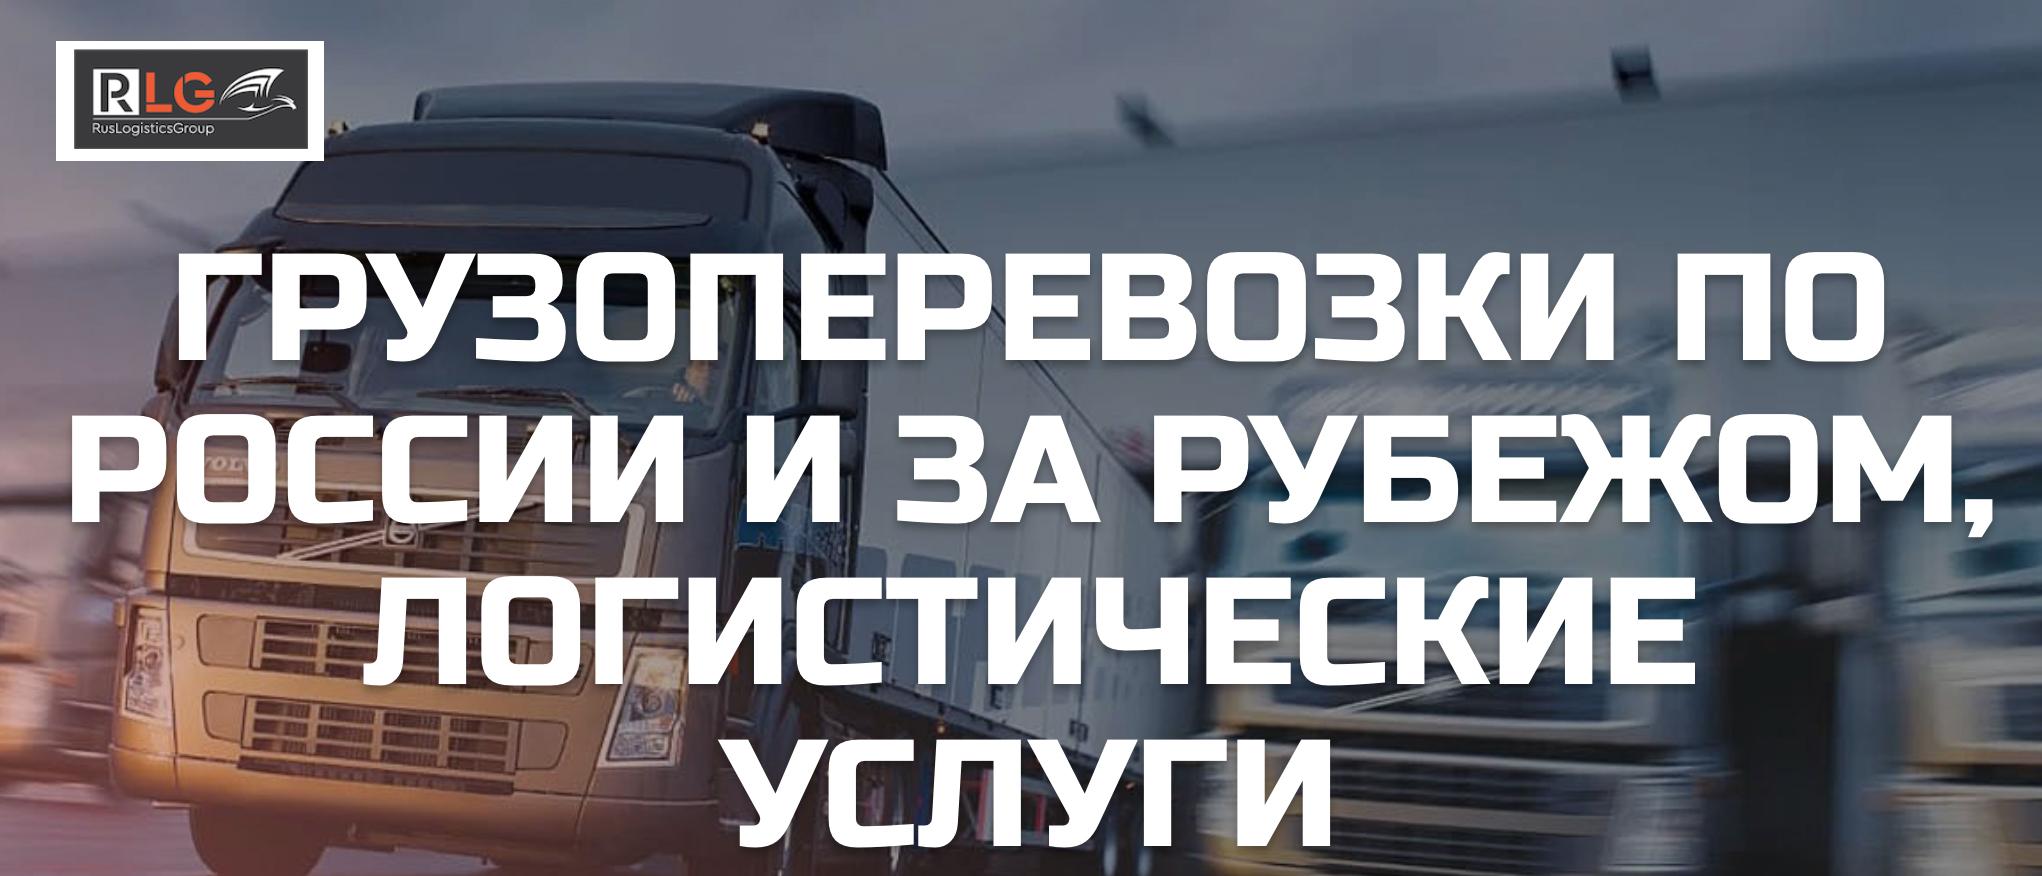 Компания «РусЛоджистиксГрупп» подтвердила возобновление международных перевозок